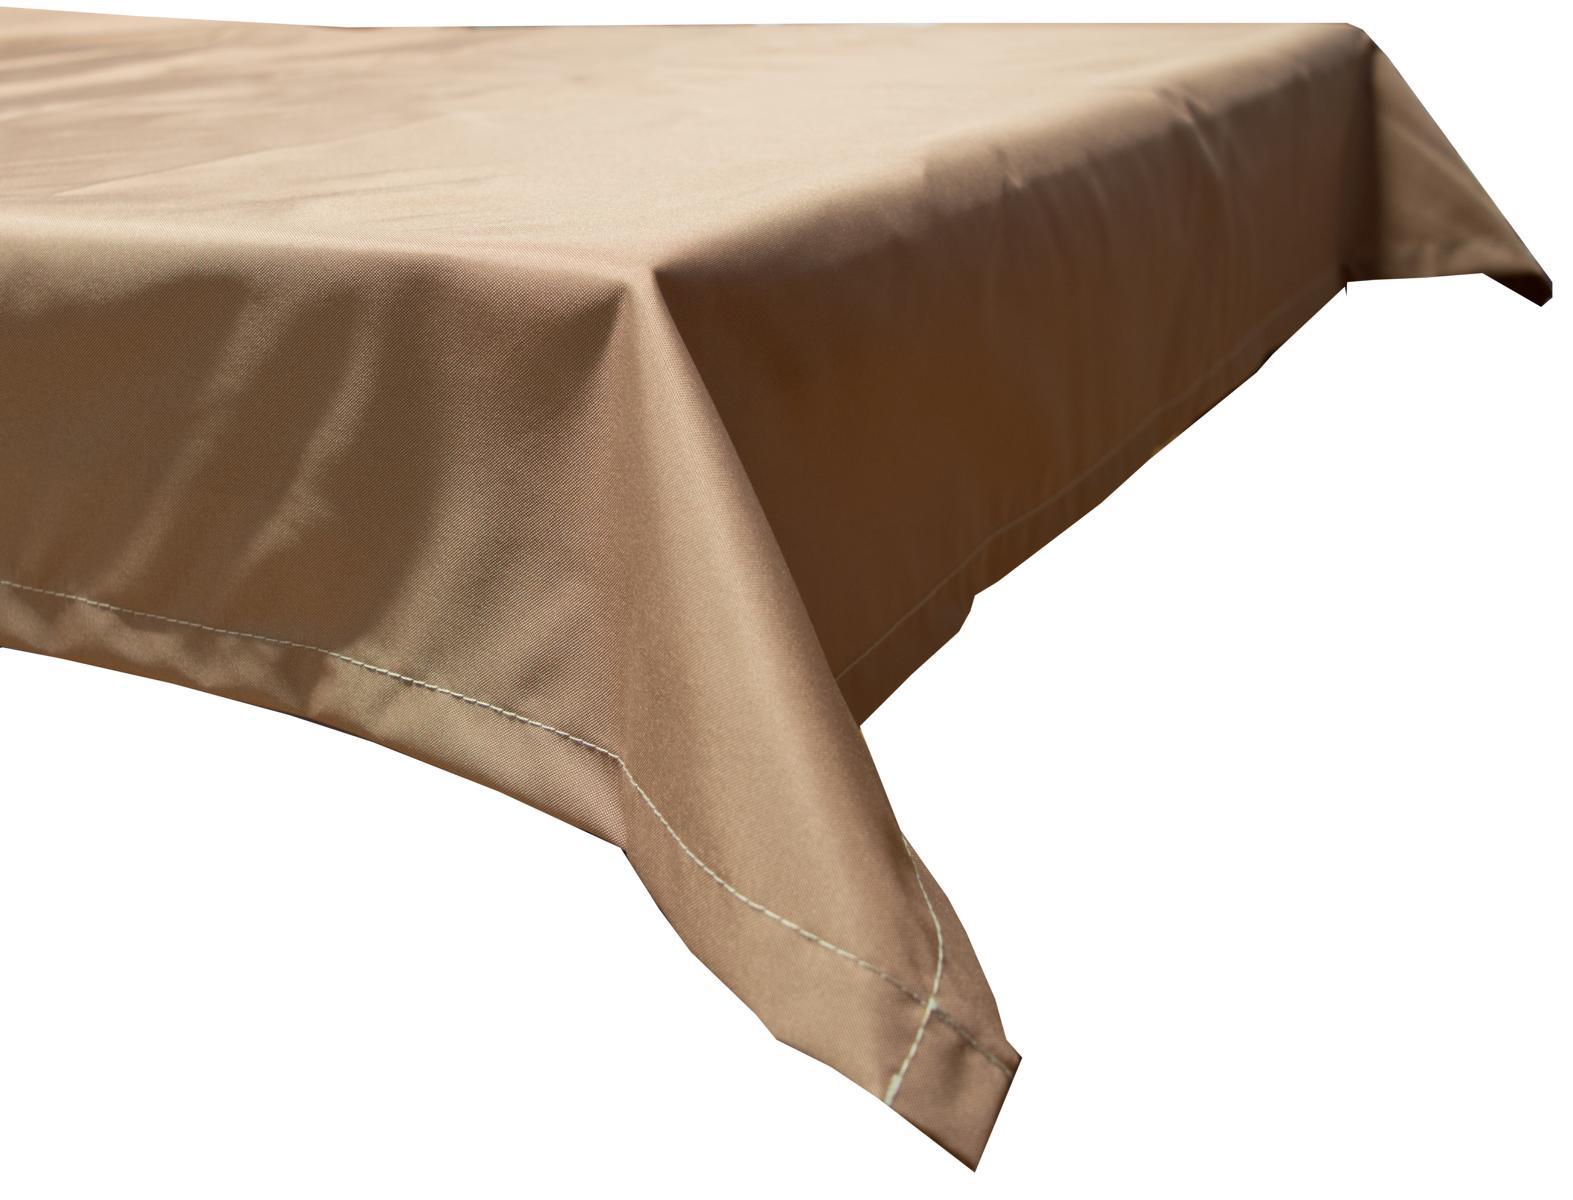 130x180 cm wasserabweisende Tischdecke 100% Polyester in sand